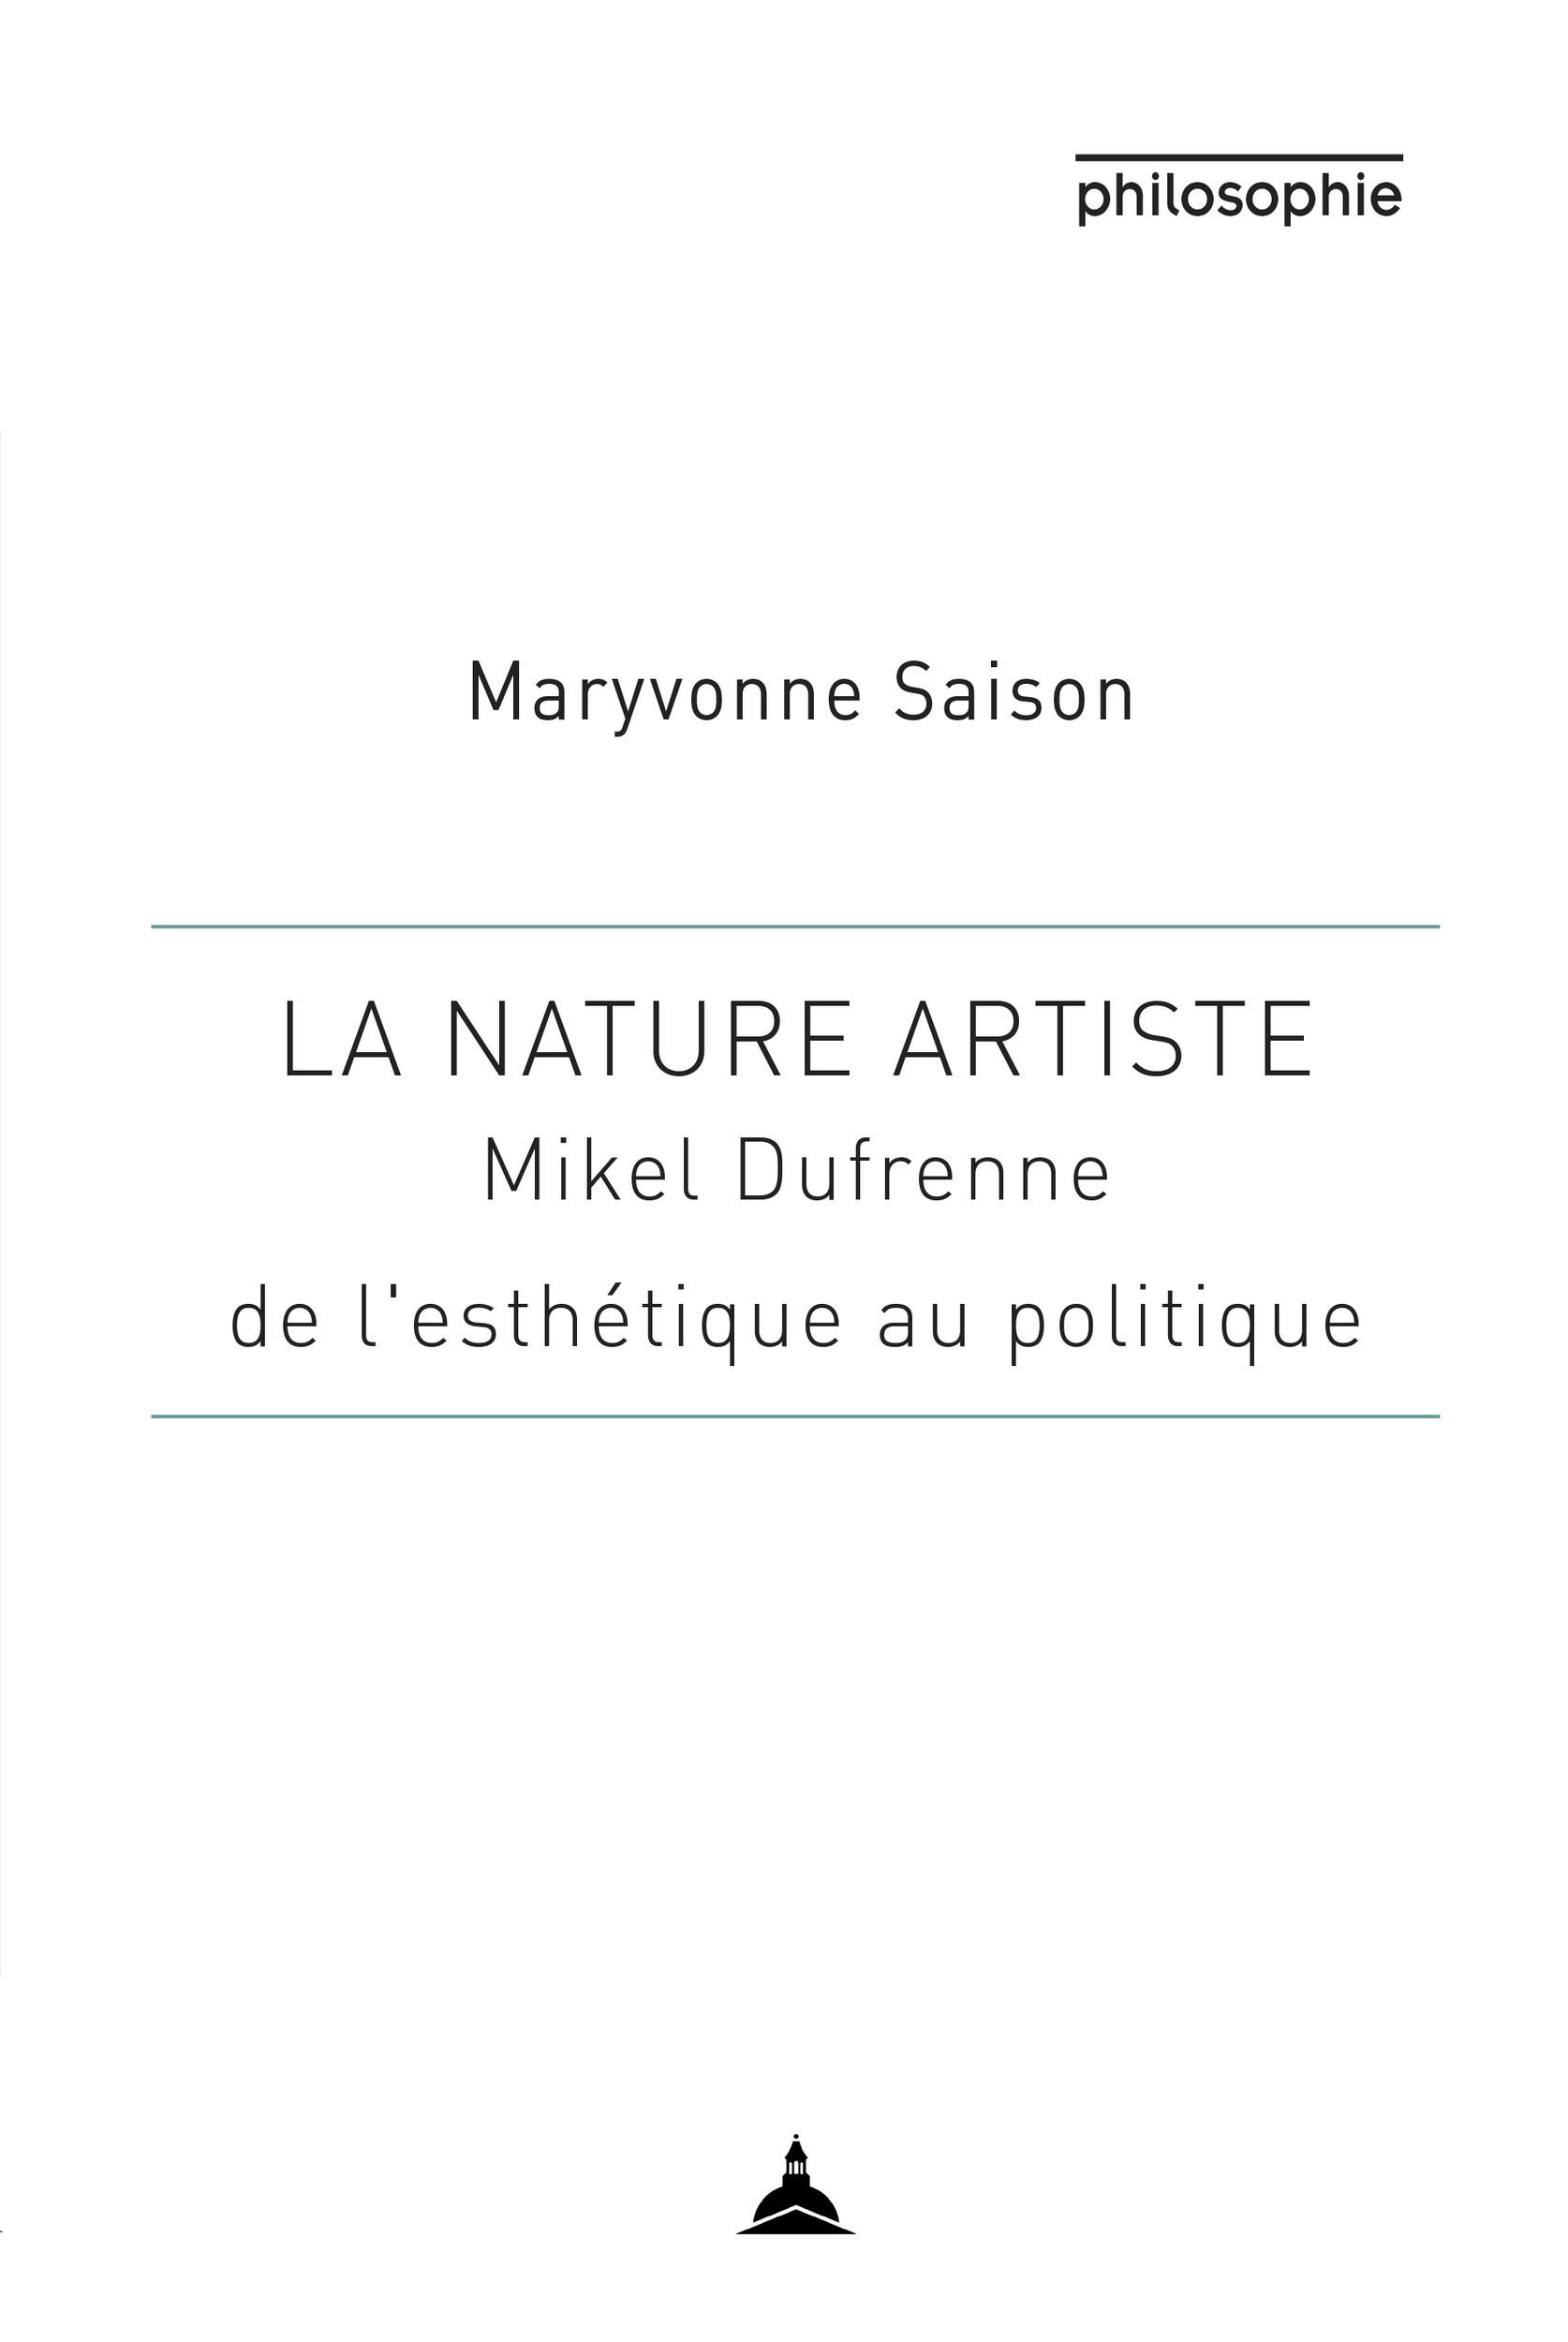 La nature artiste - mikel dufrenne entre esthetique et philosophie